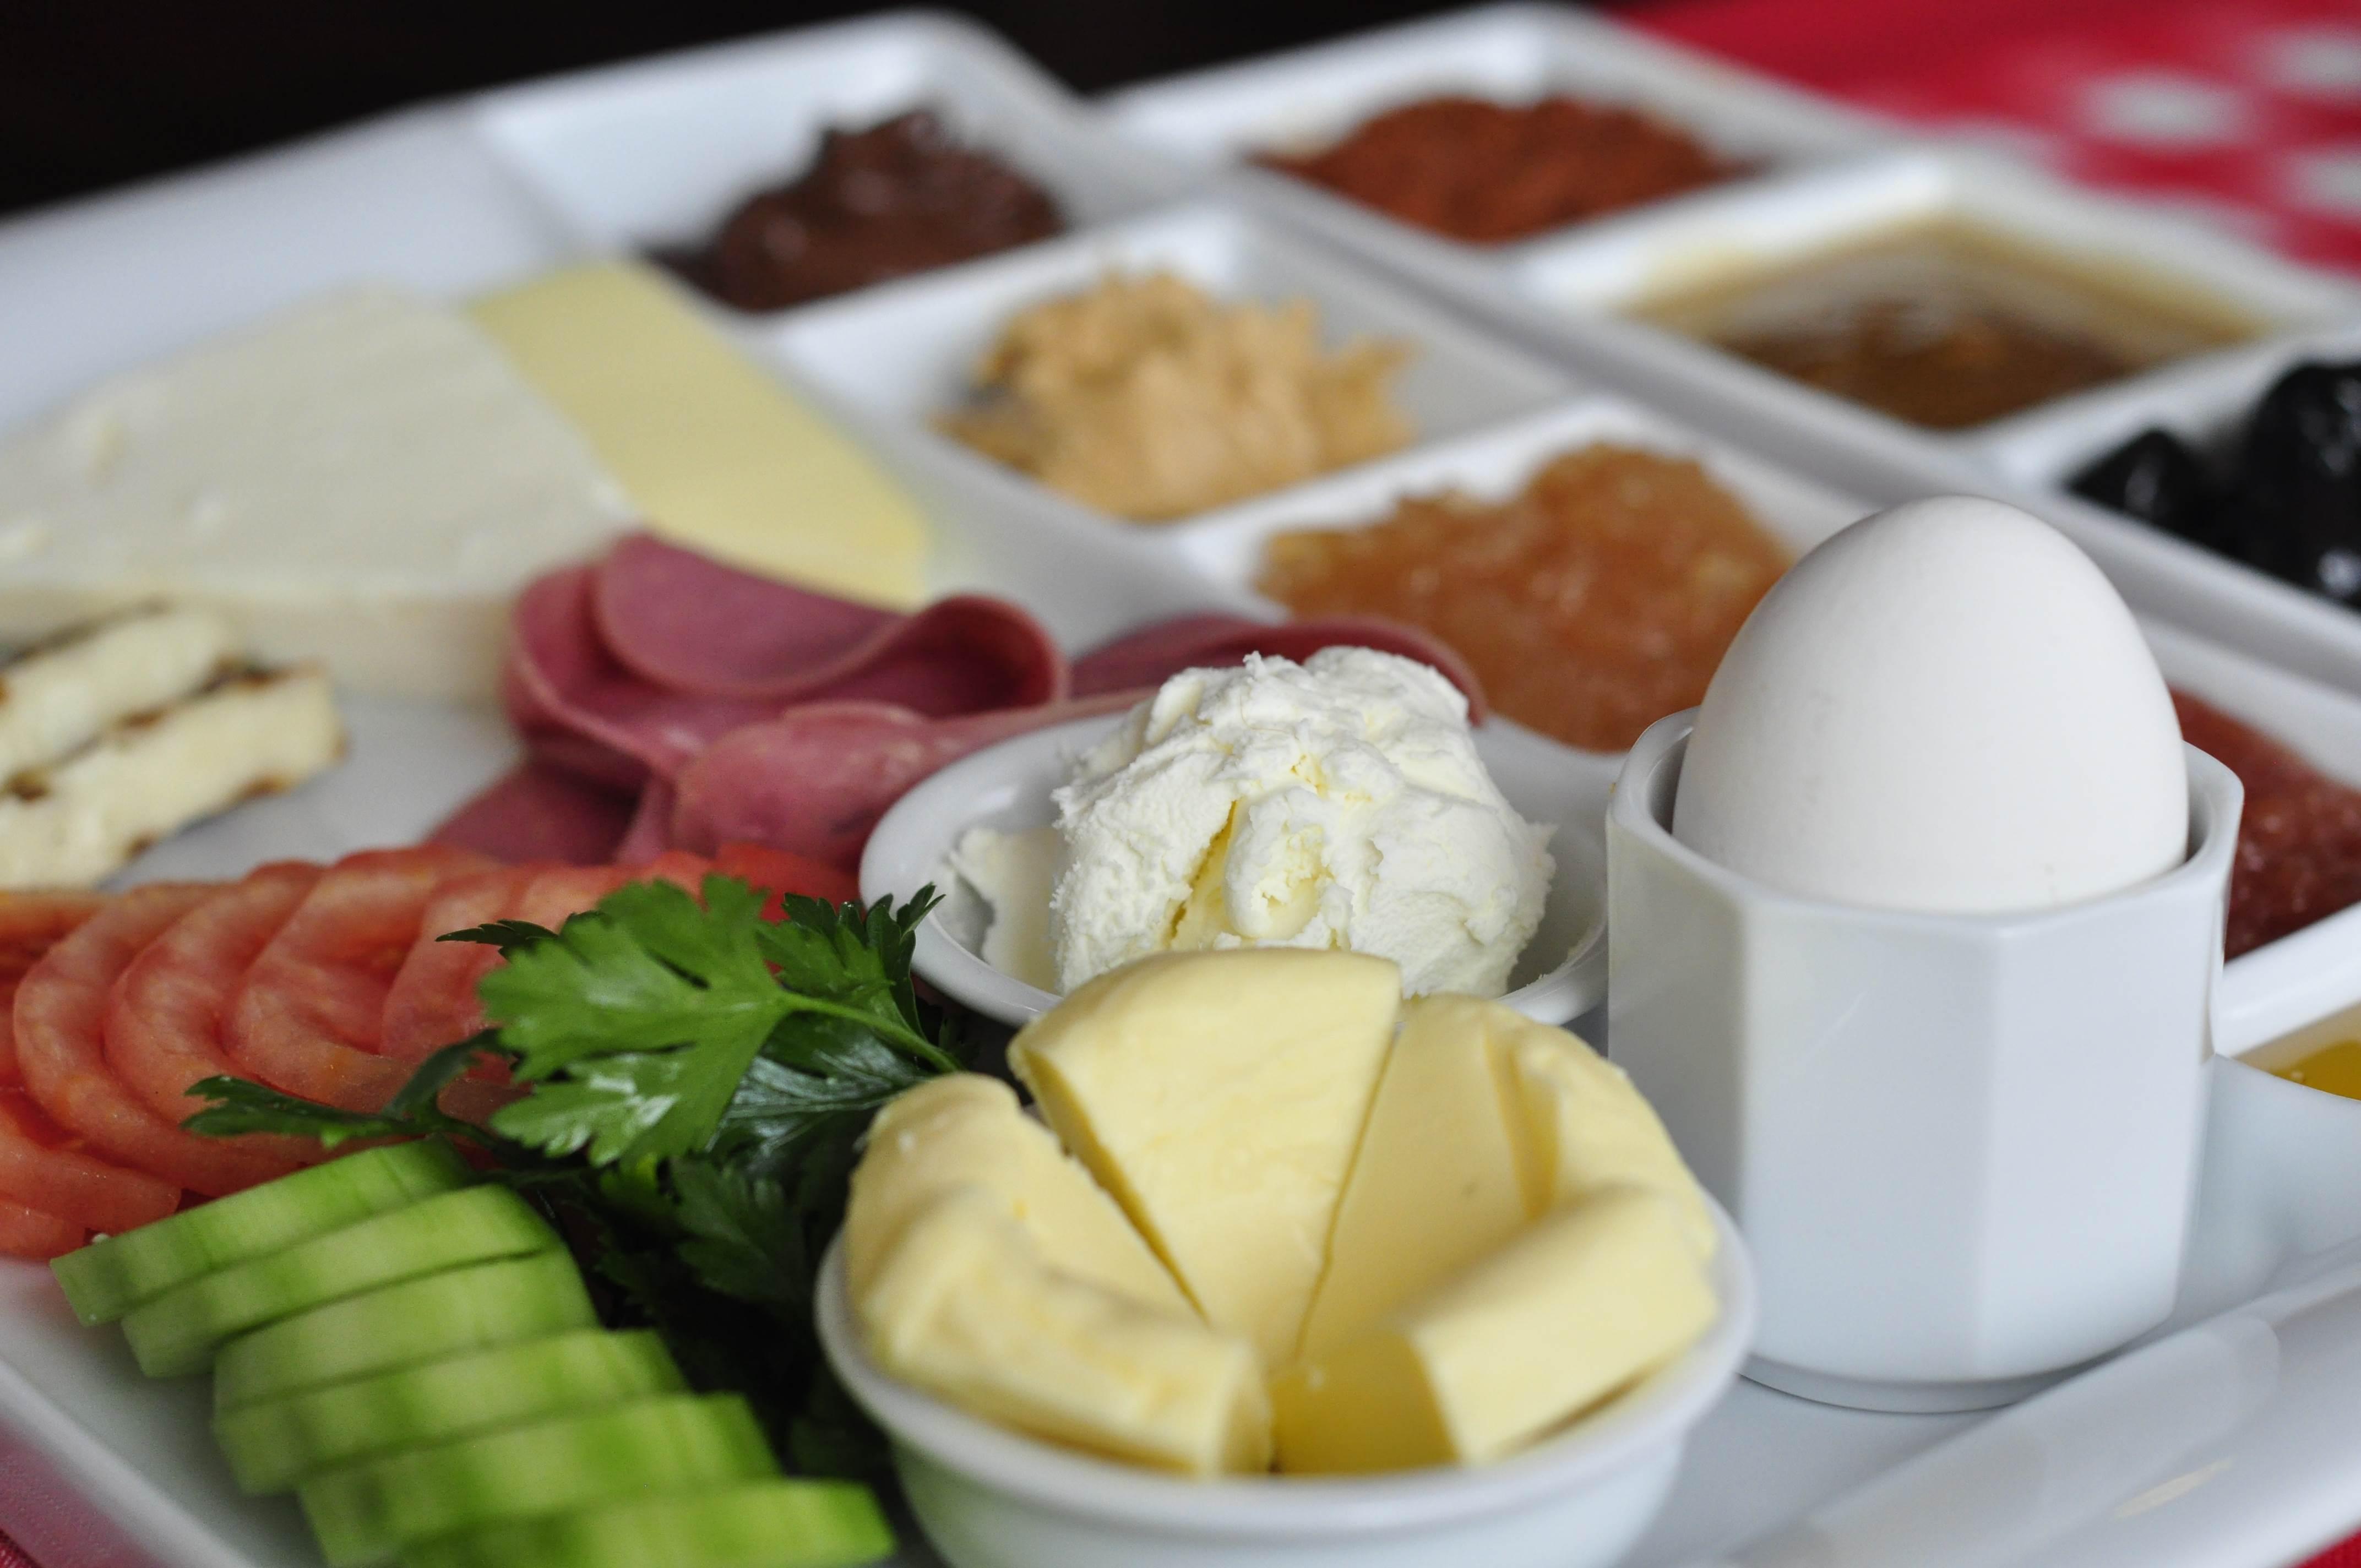 kahvaltı Kahvaltı Öğünü ve Kahvaltının Önemi | Diyet Kahvaltı Önerileri